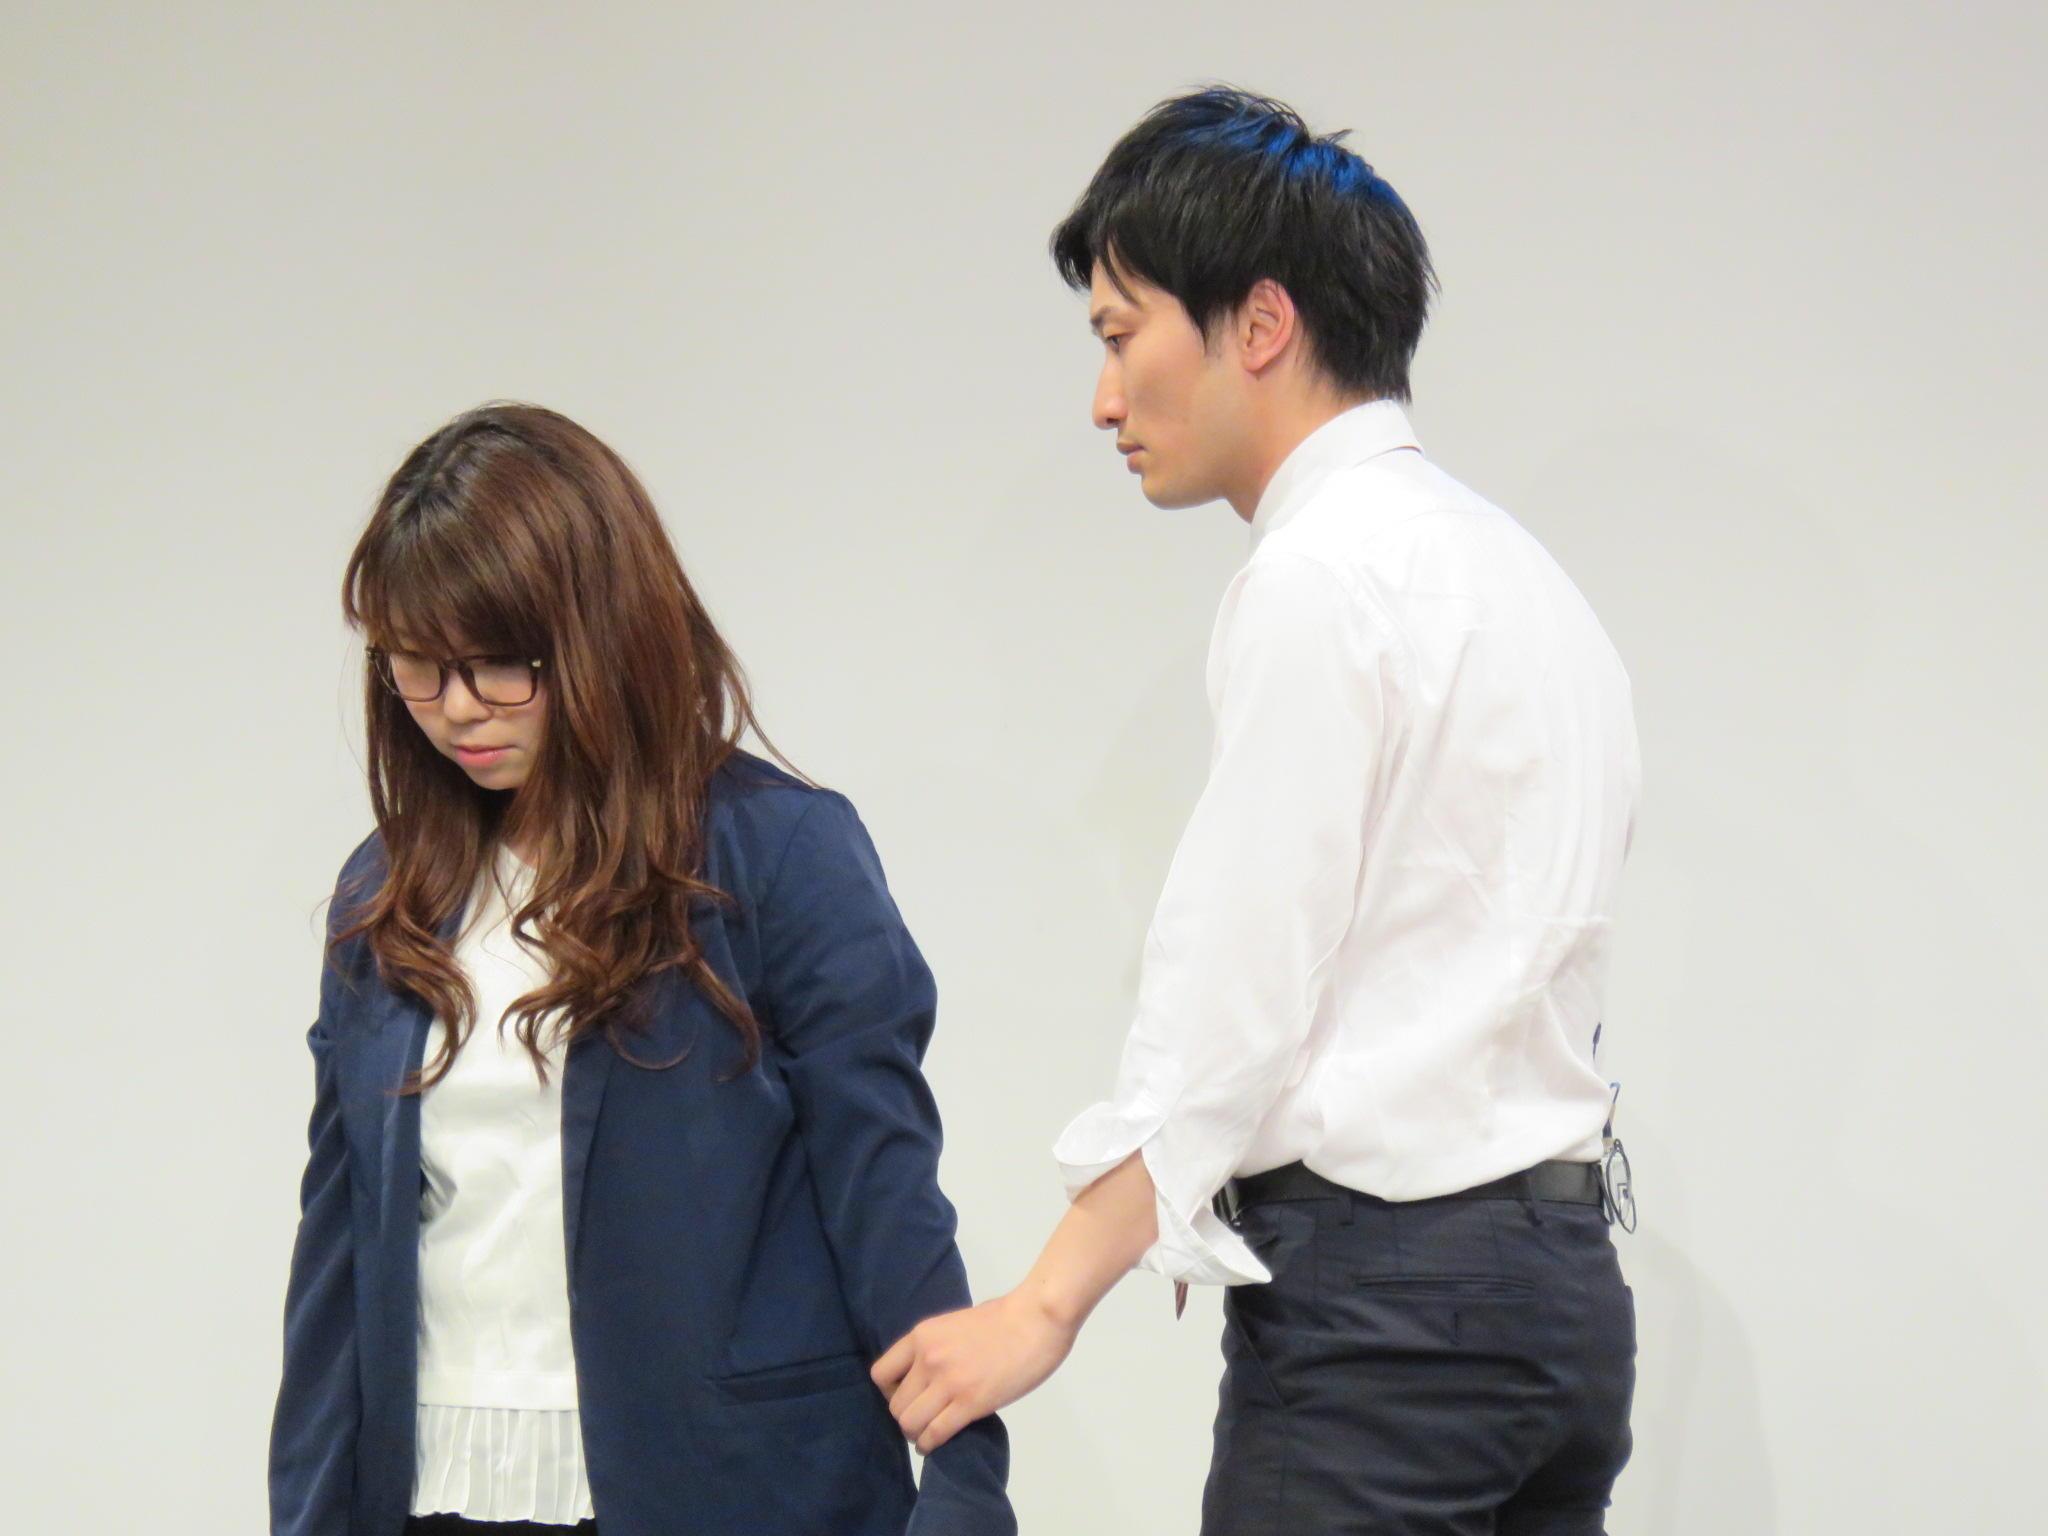 http://news.yoshimoto.co.jp/20170419153437-9ebda60cfa289c2dc6e41cabfdc5c4303fde0c3d.jpg